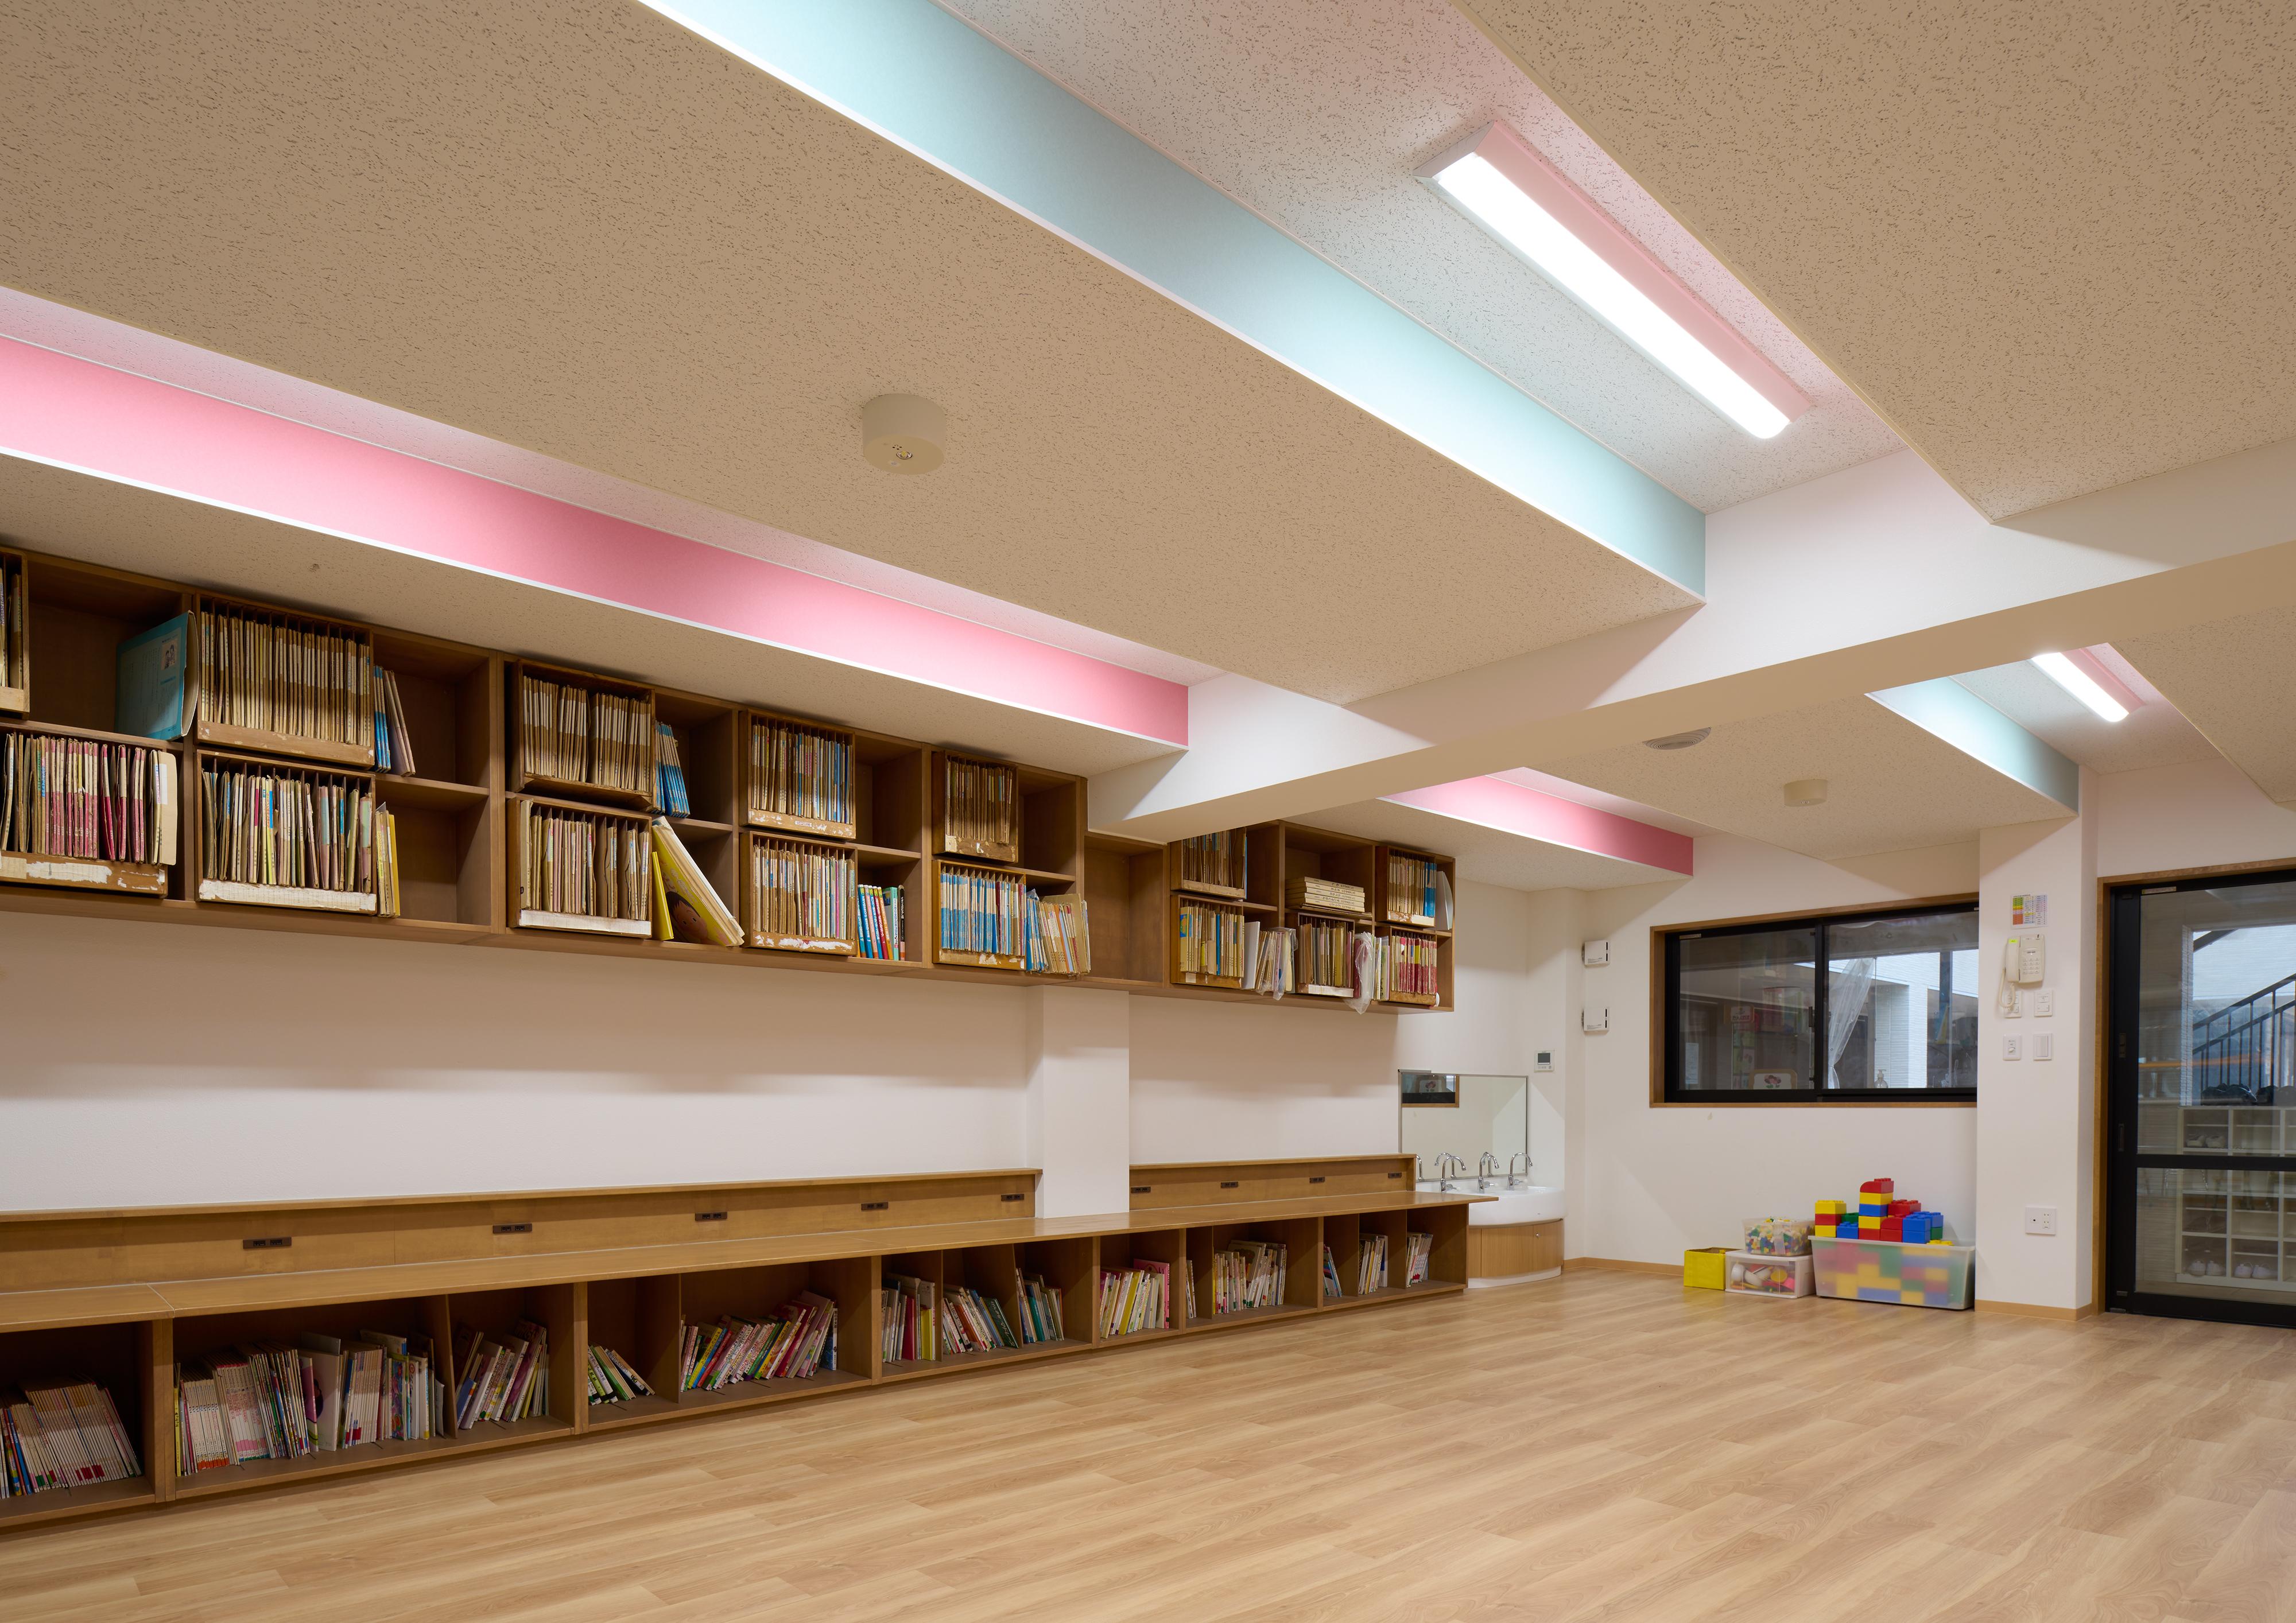 1階の視聴覚室や保育室等は石こうボードで覆った梁まわりと天井面に段差を設けて視覚的な広がり